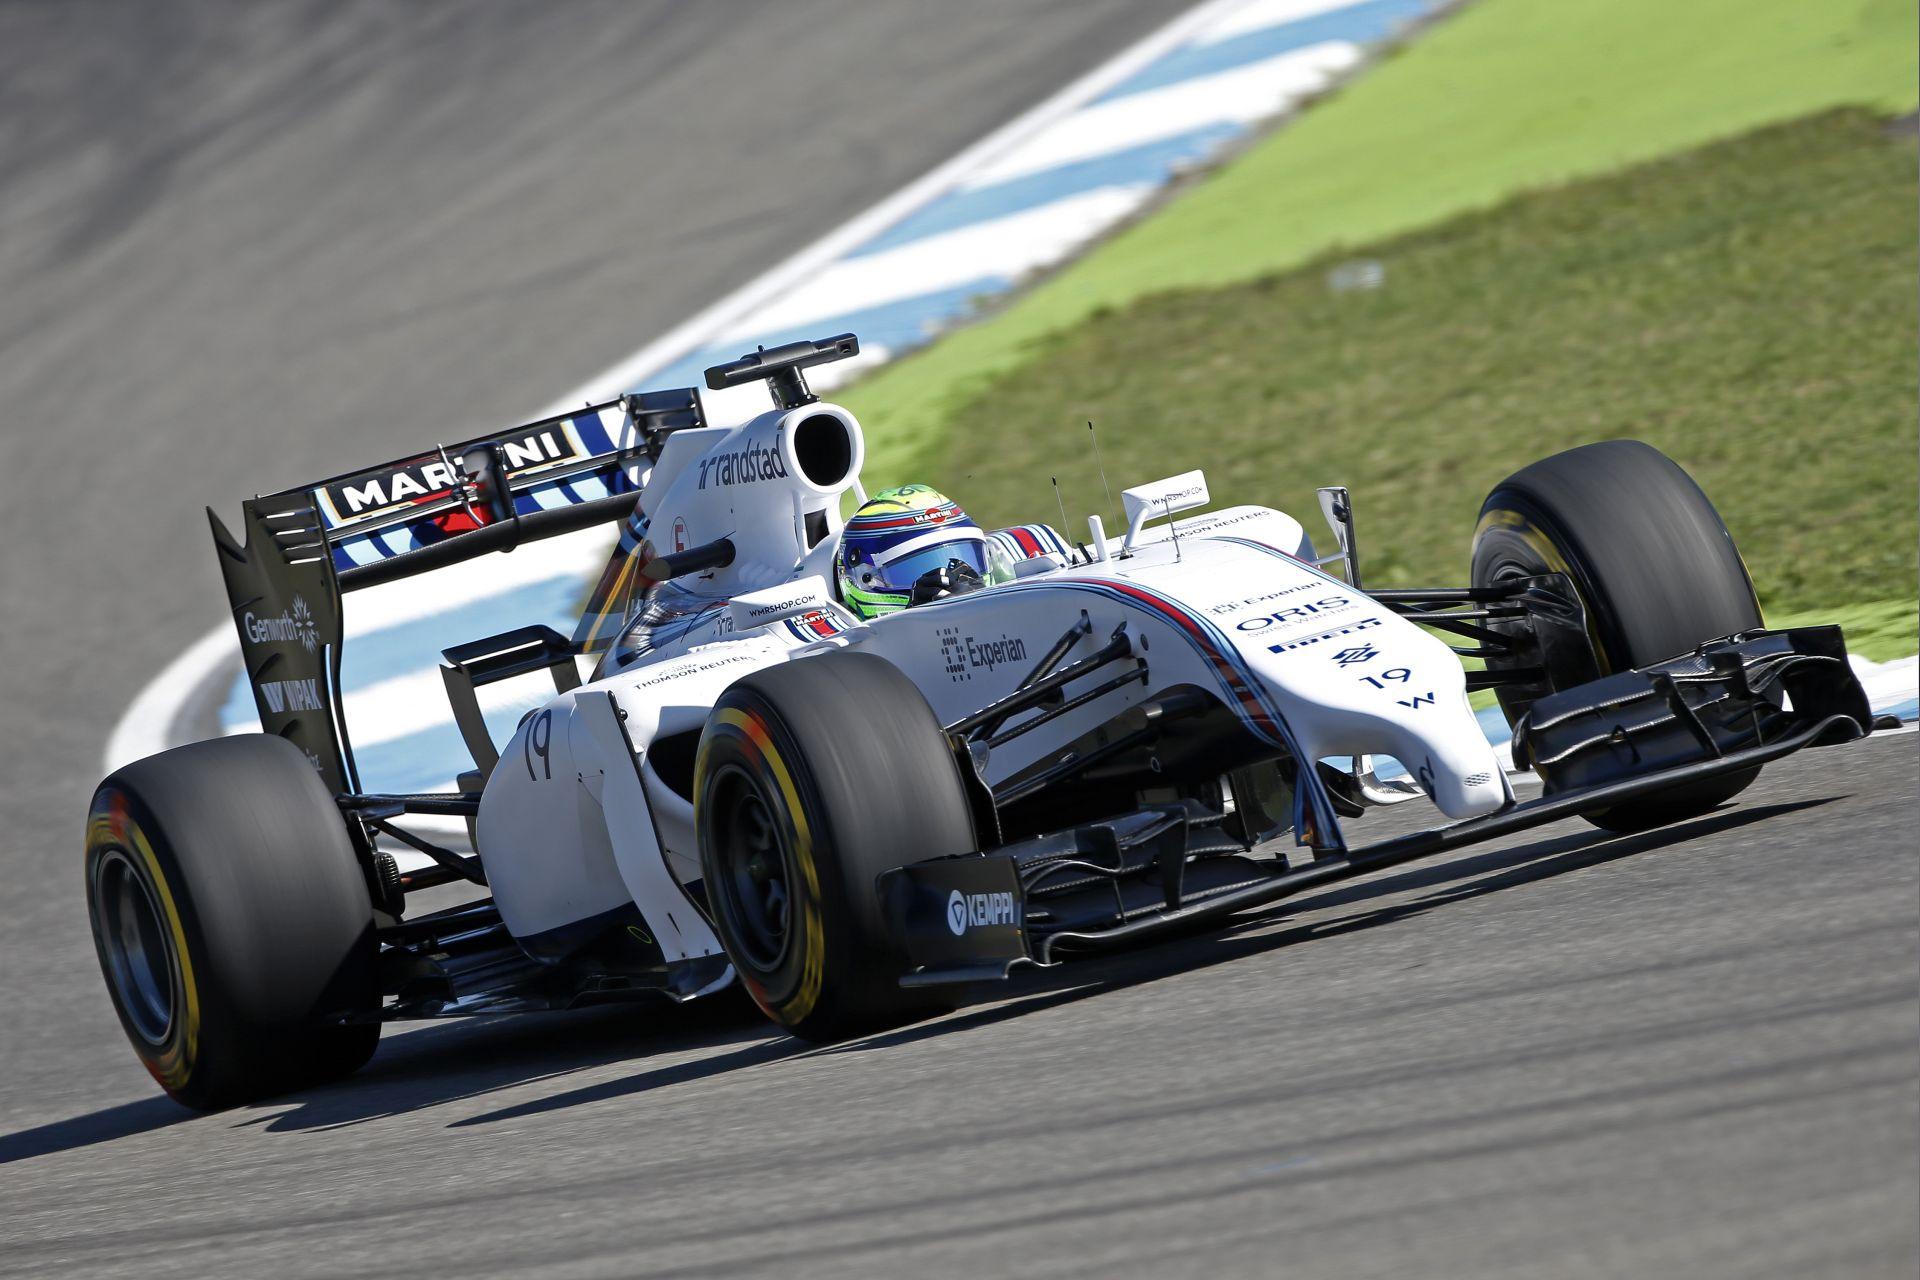 Massa: Nagyon versenyképes lehet a Williams vasárnap